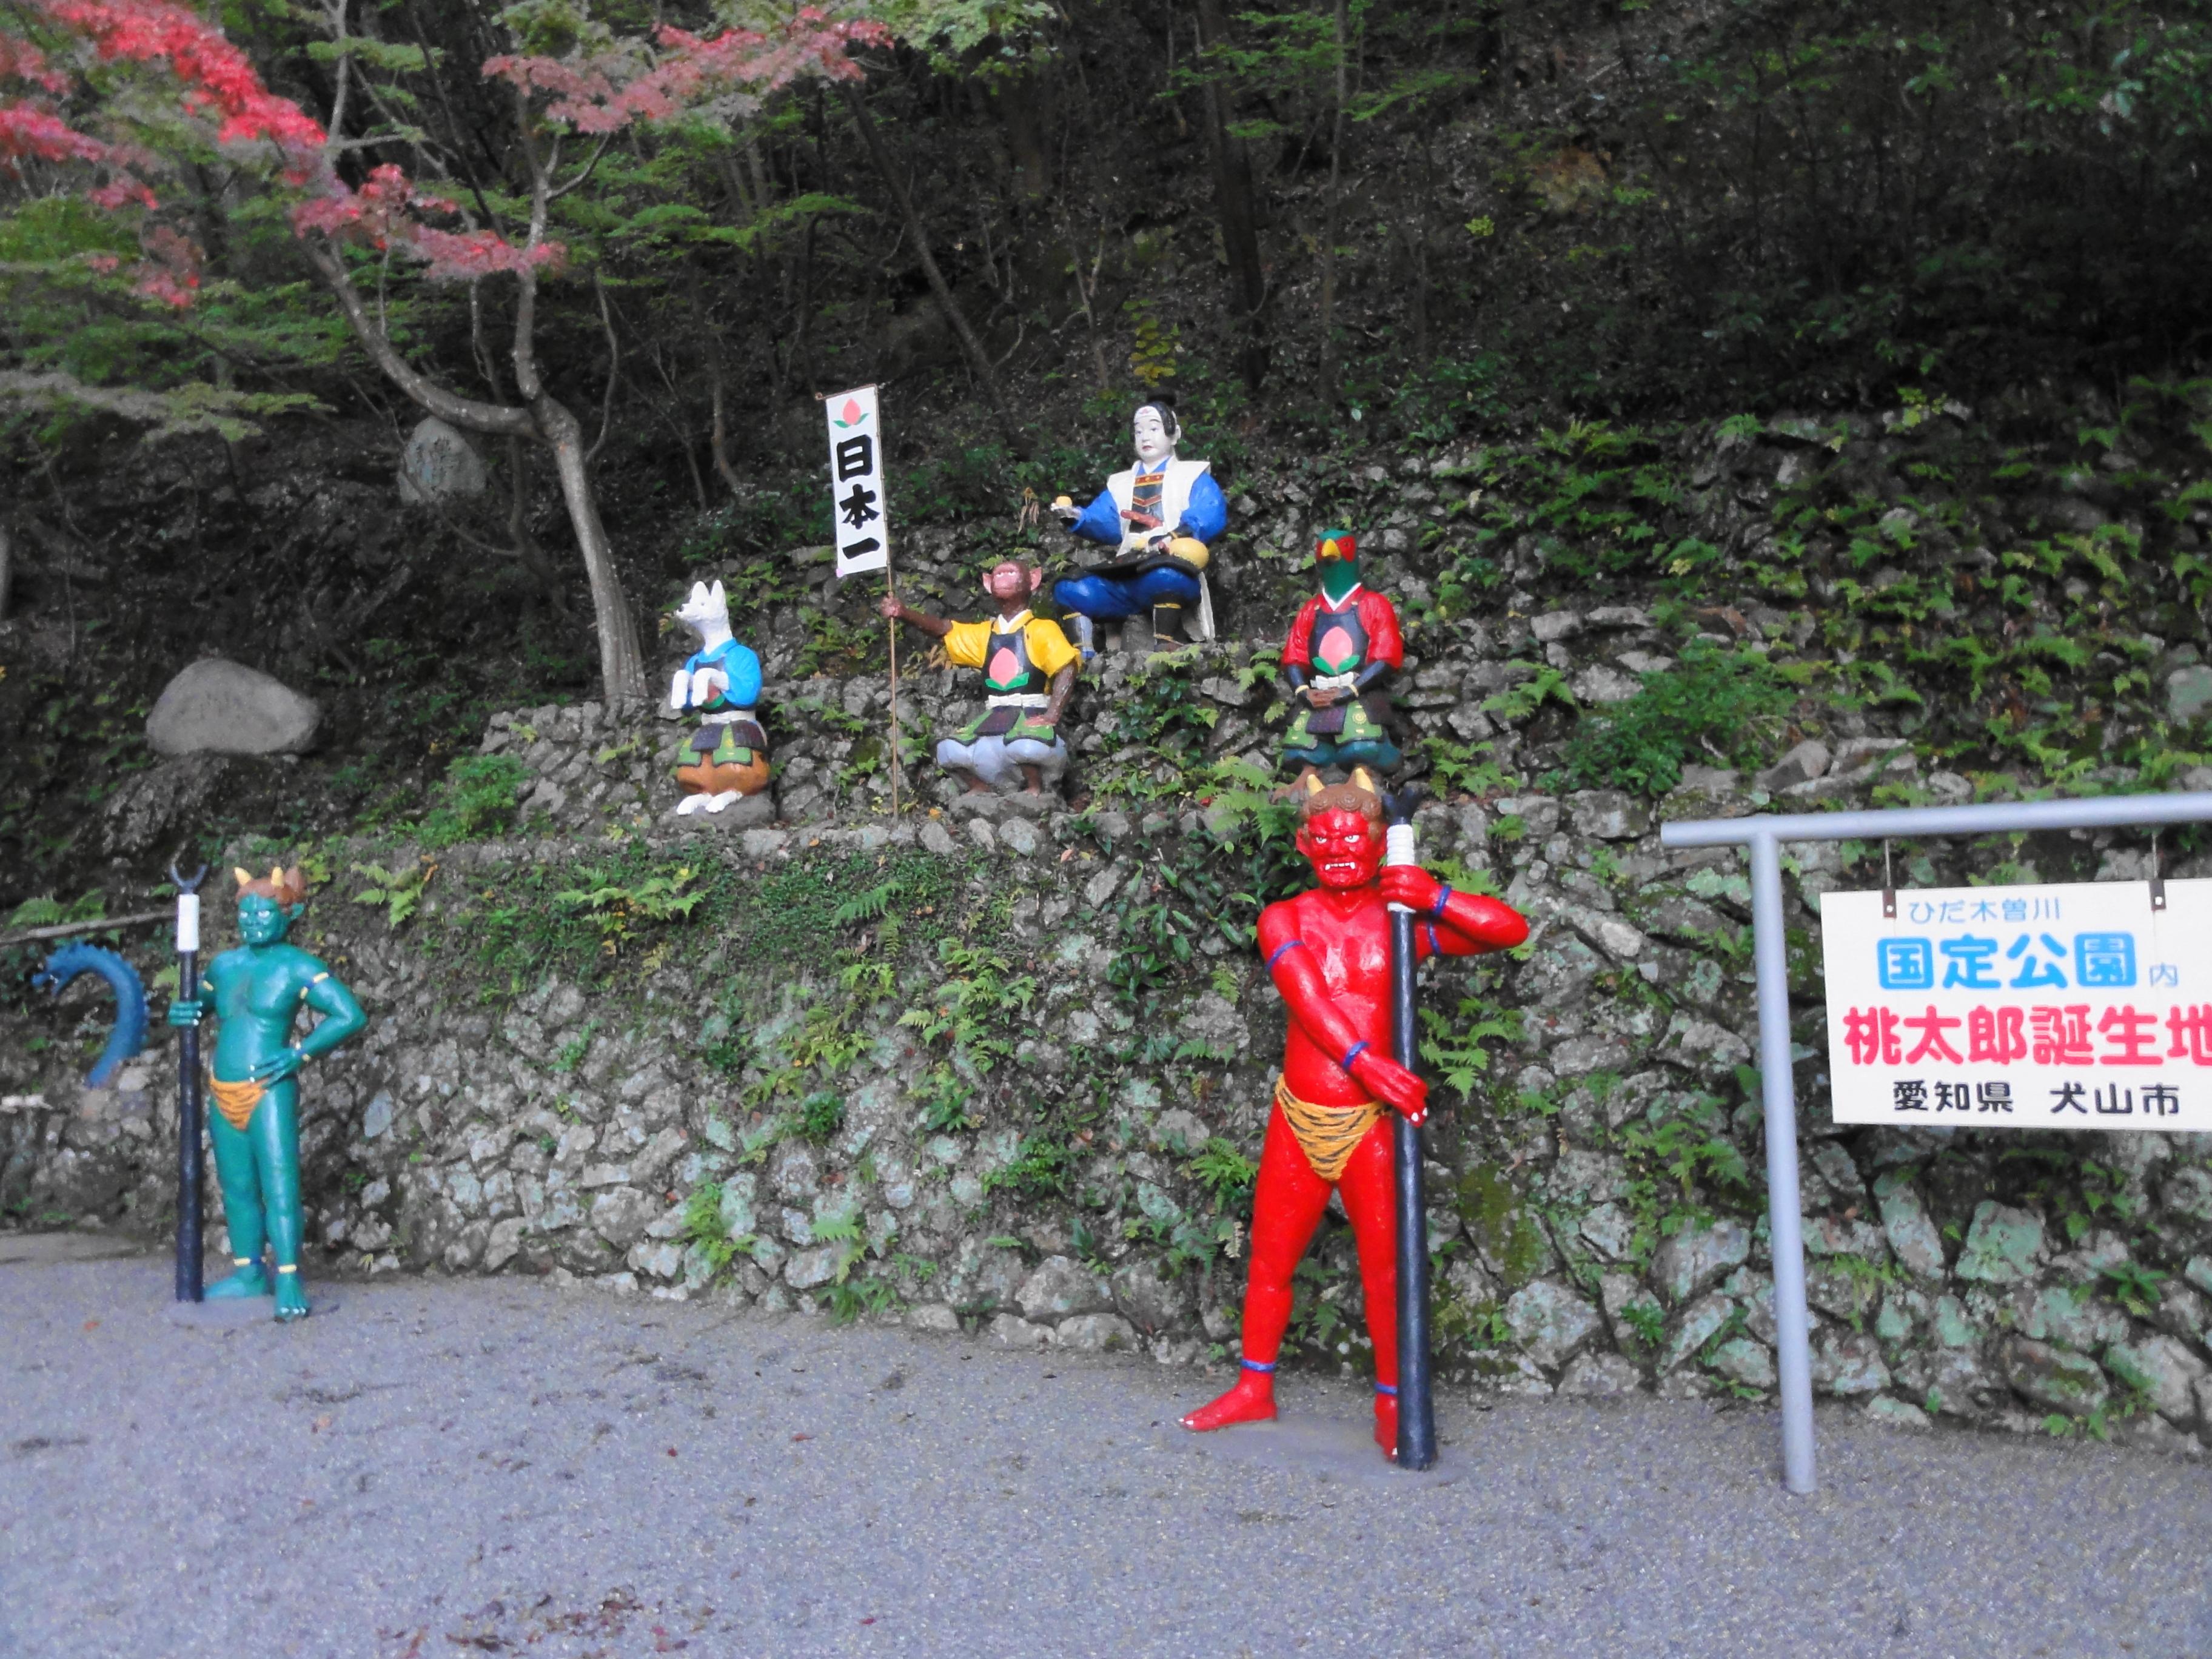 桃太郎神社-桃太郎誕生地